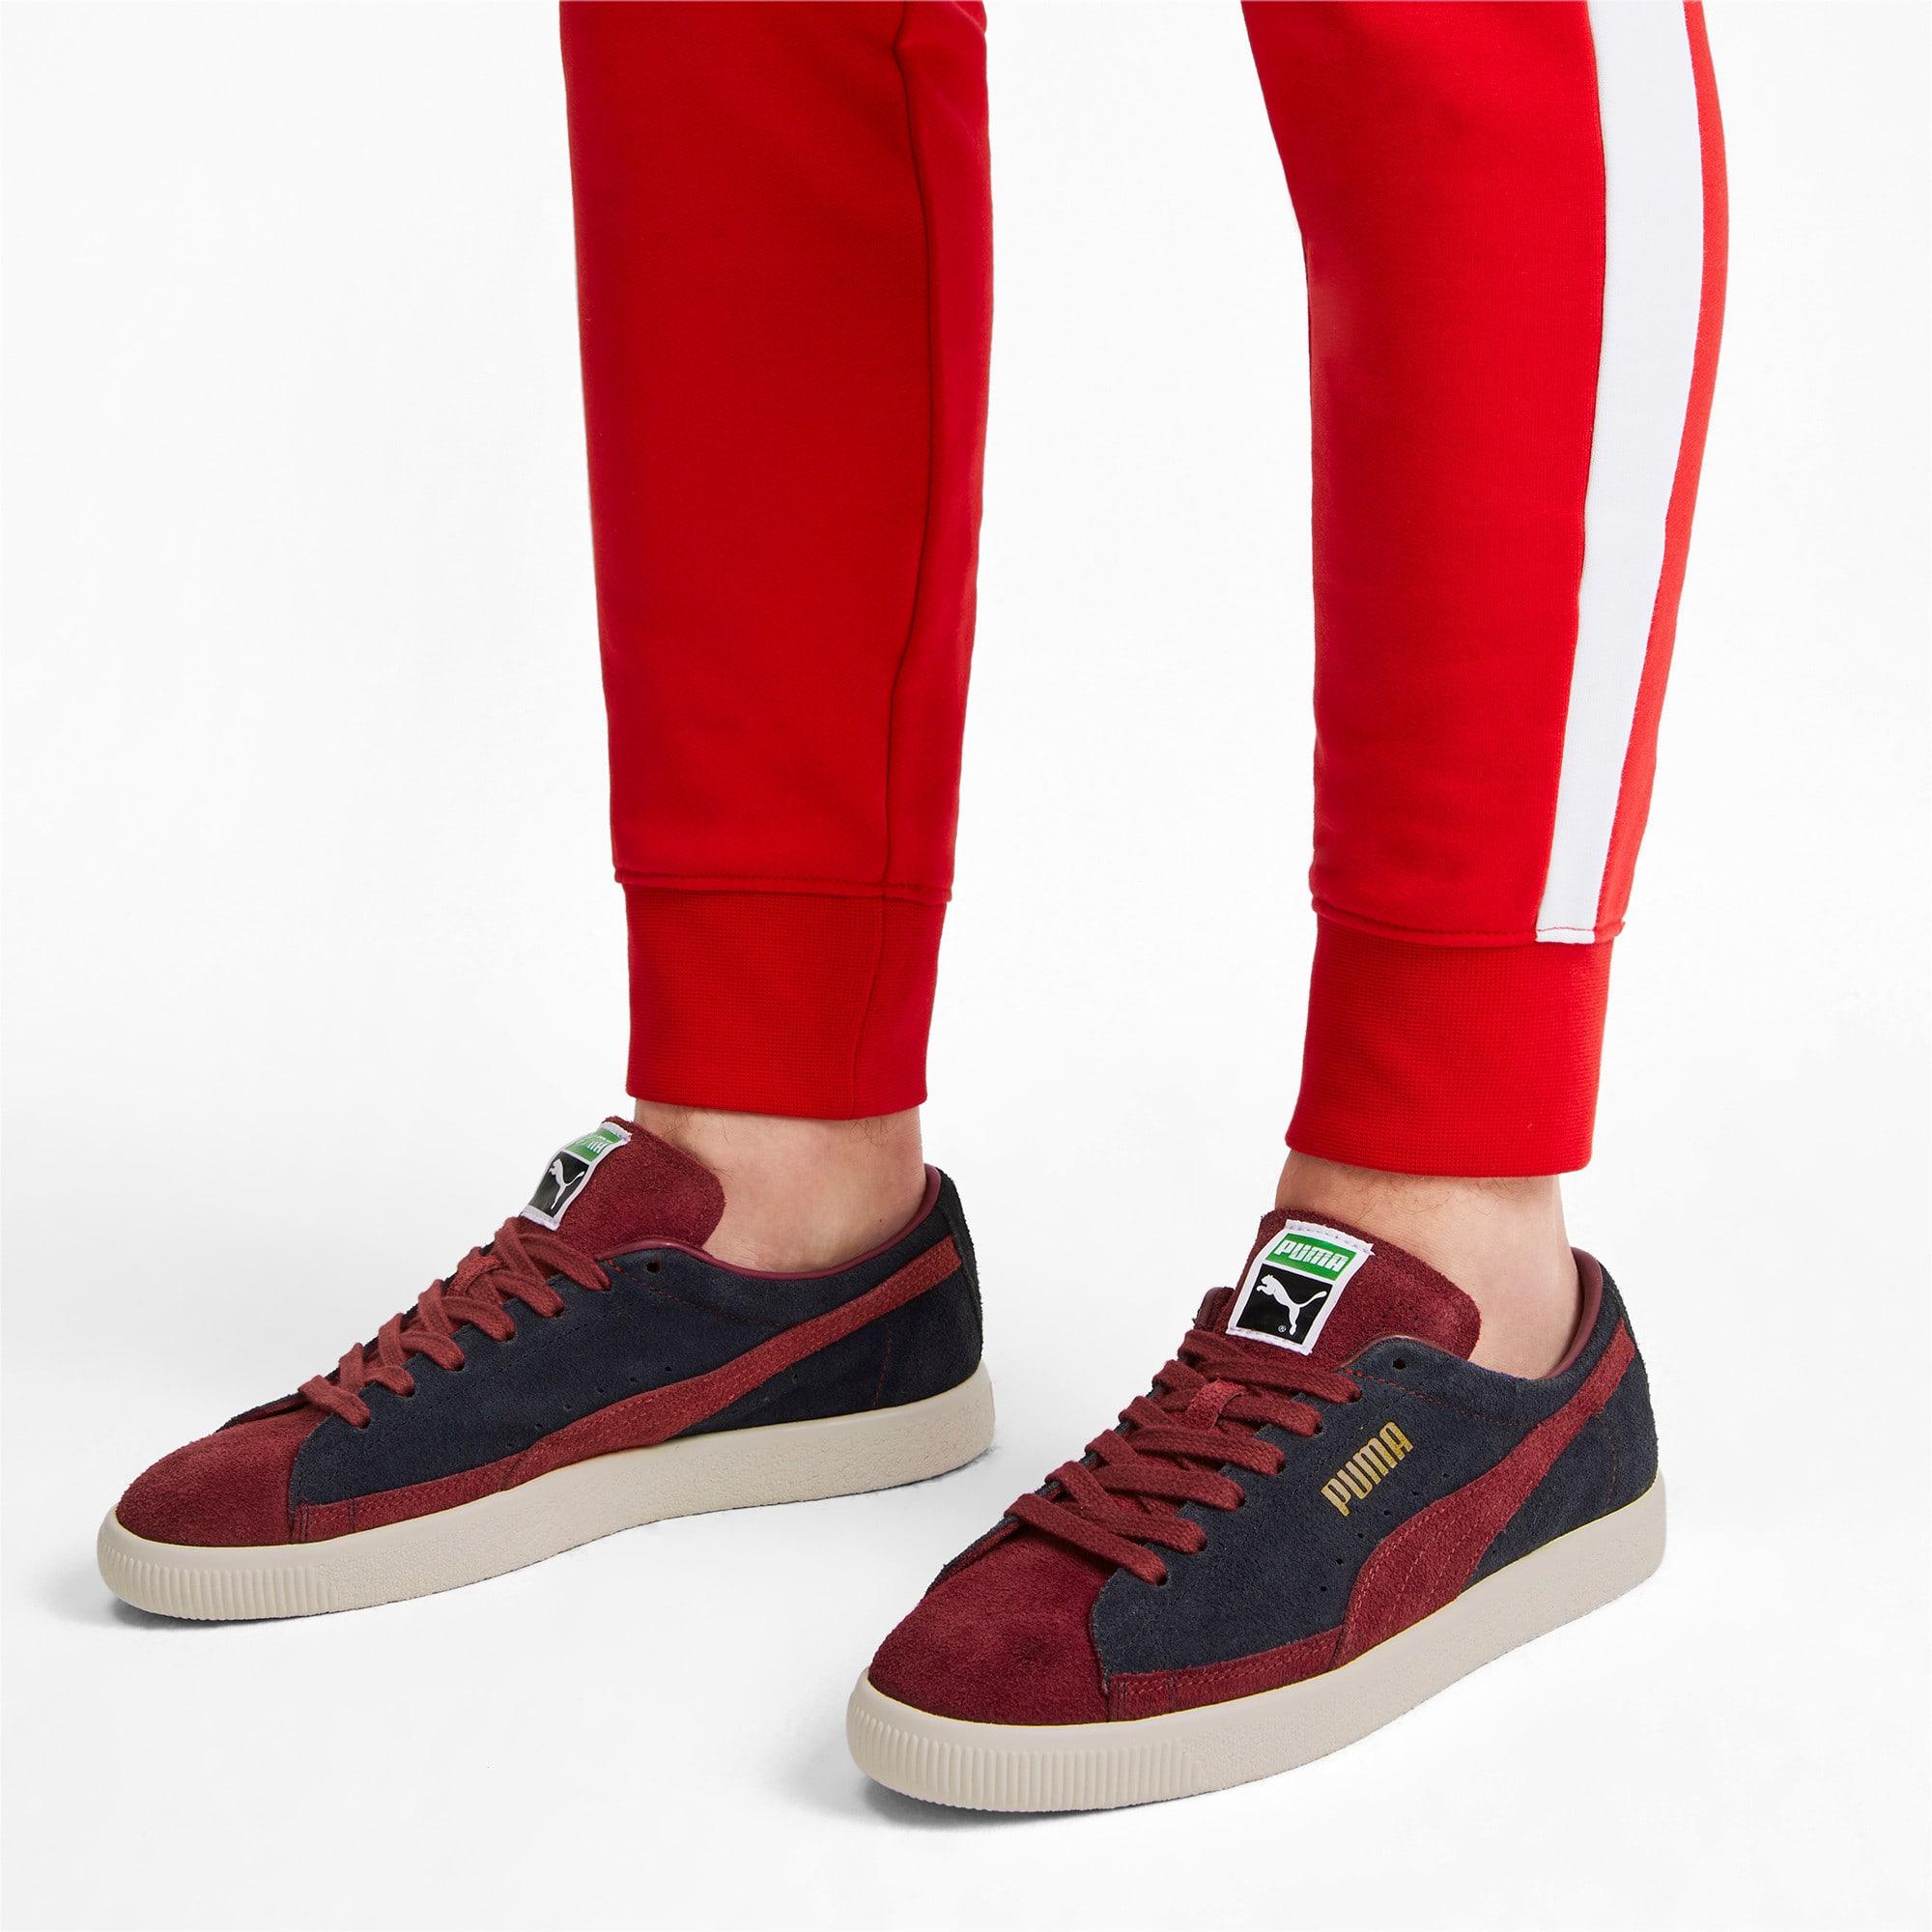 Thumbnail 3 of Suede 90681 Vintage Sneakers, Peacoat-Rhubarb, medium